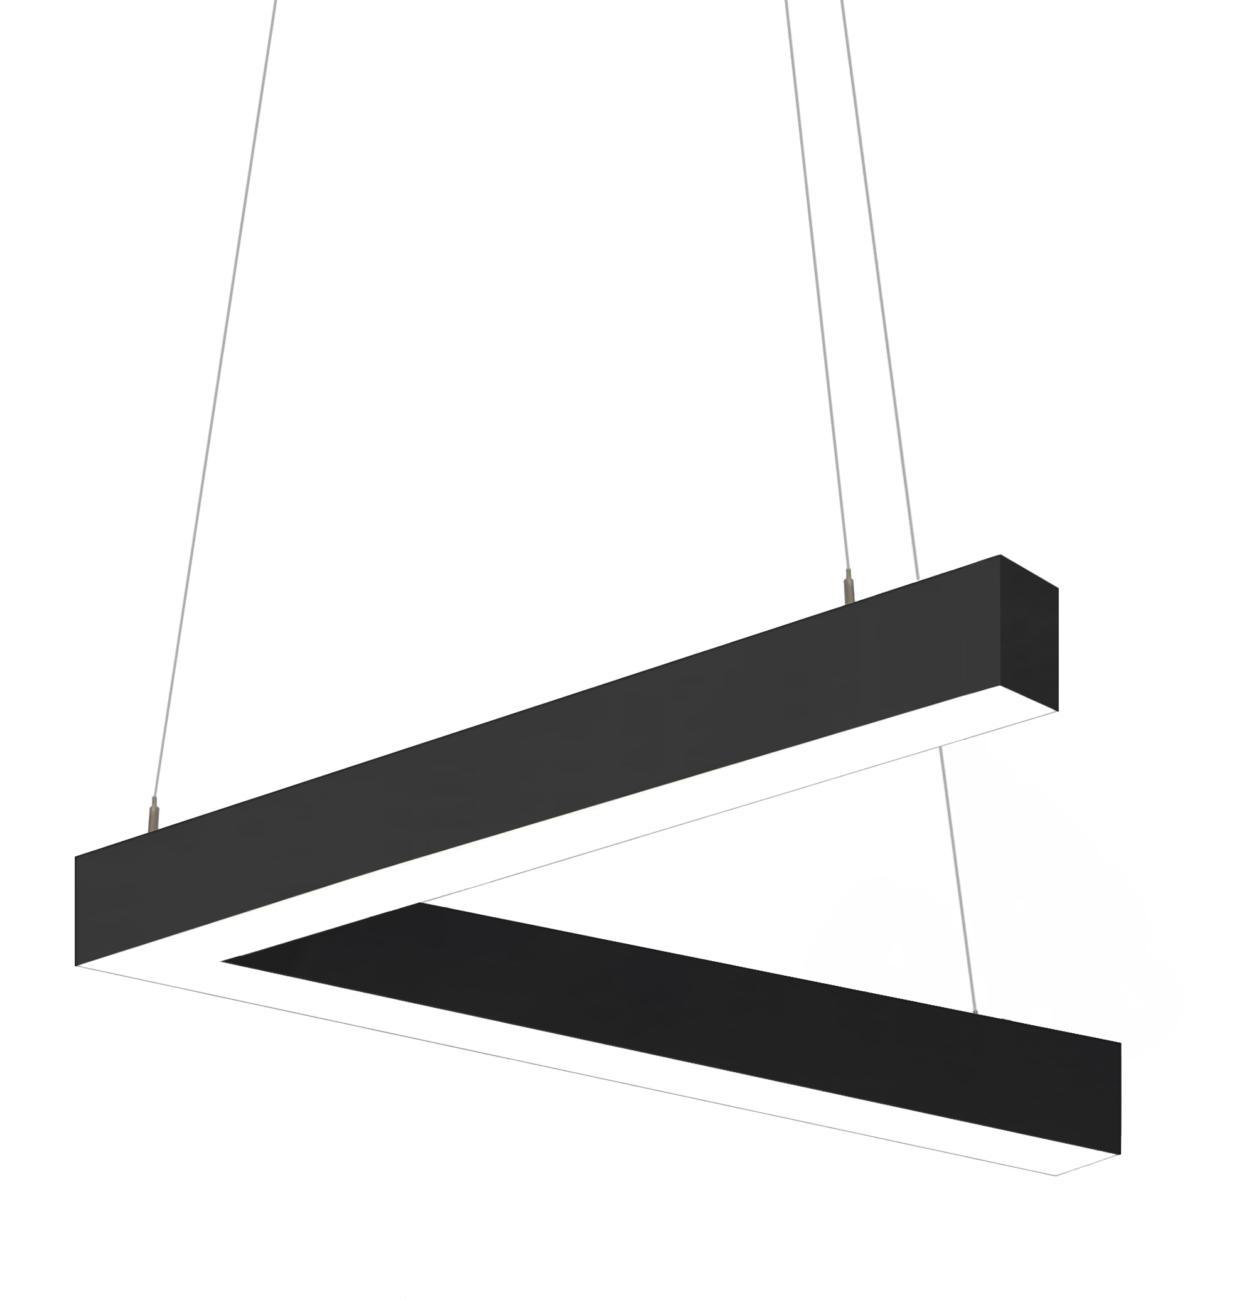 Светильник Style-5070. 500×500мм. 4000К/3000К. 17W/36W купить в Санкт-Петербурге